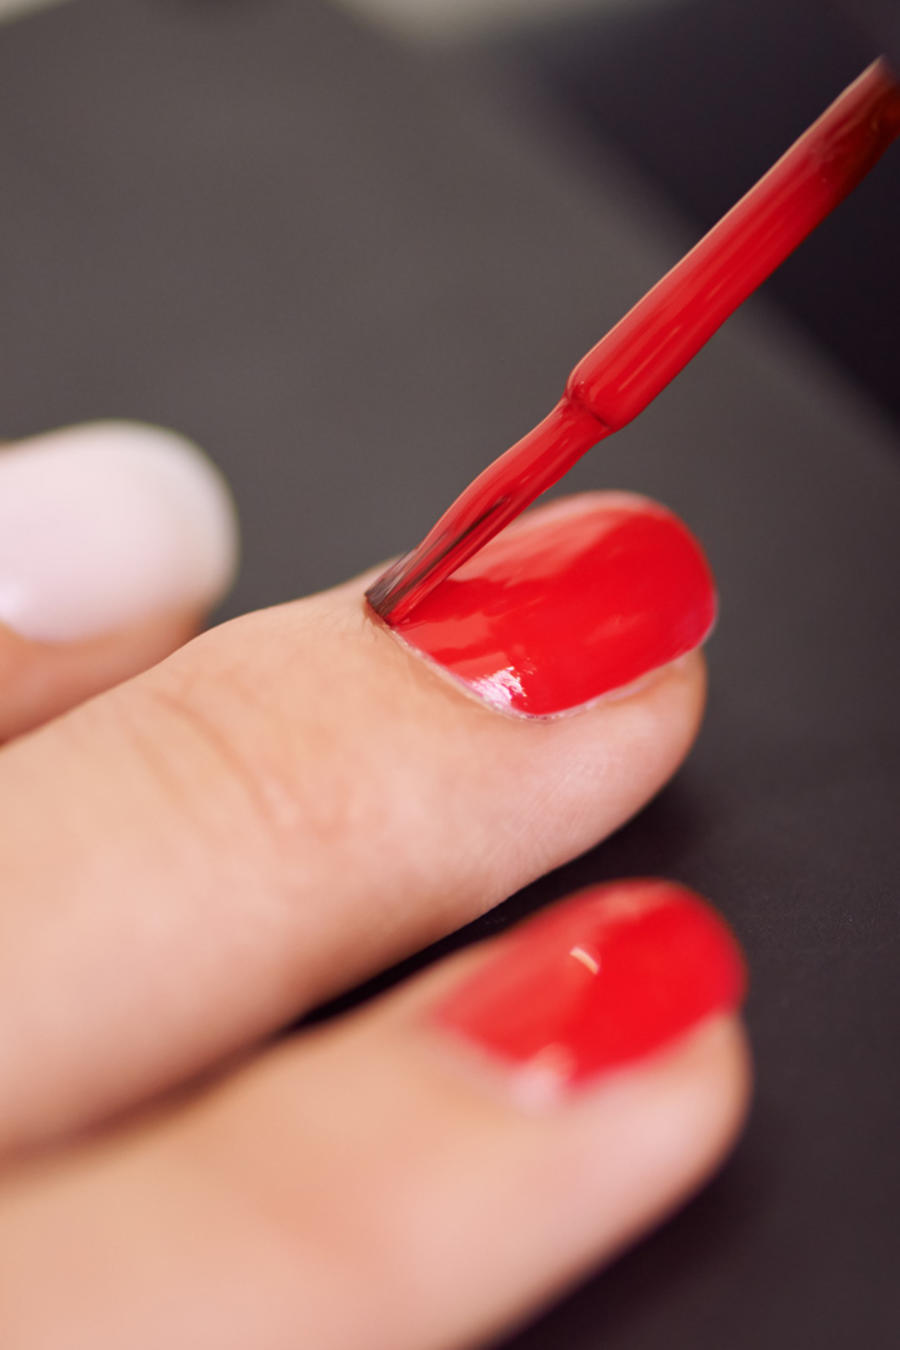 Mujer pintando sus uñas de color rojo